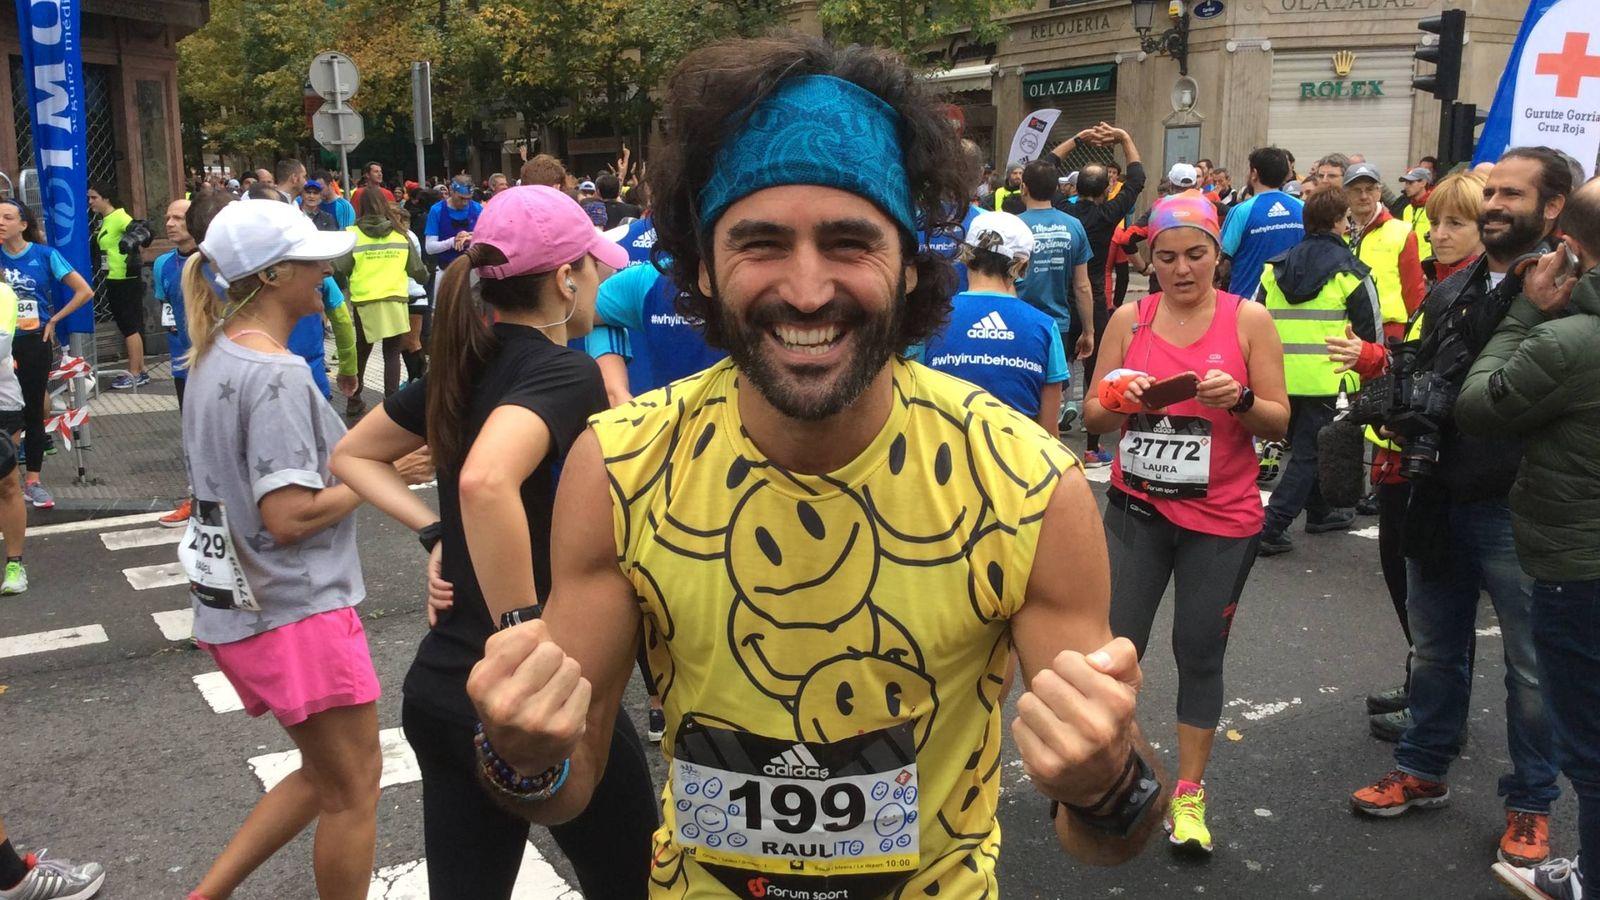 Foto: Raúl Gómez tras correr la Maraton de Behobia 2016   Alfonso Muñoz - VANITATIS